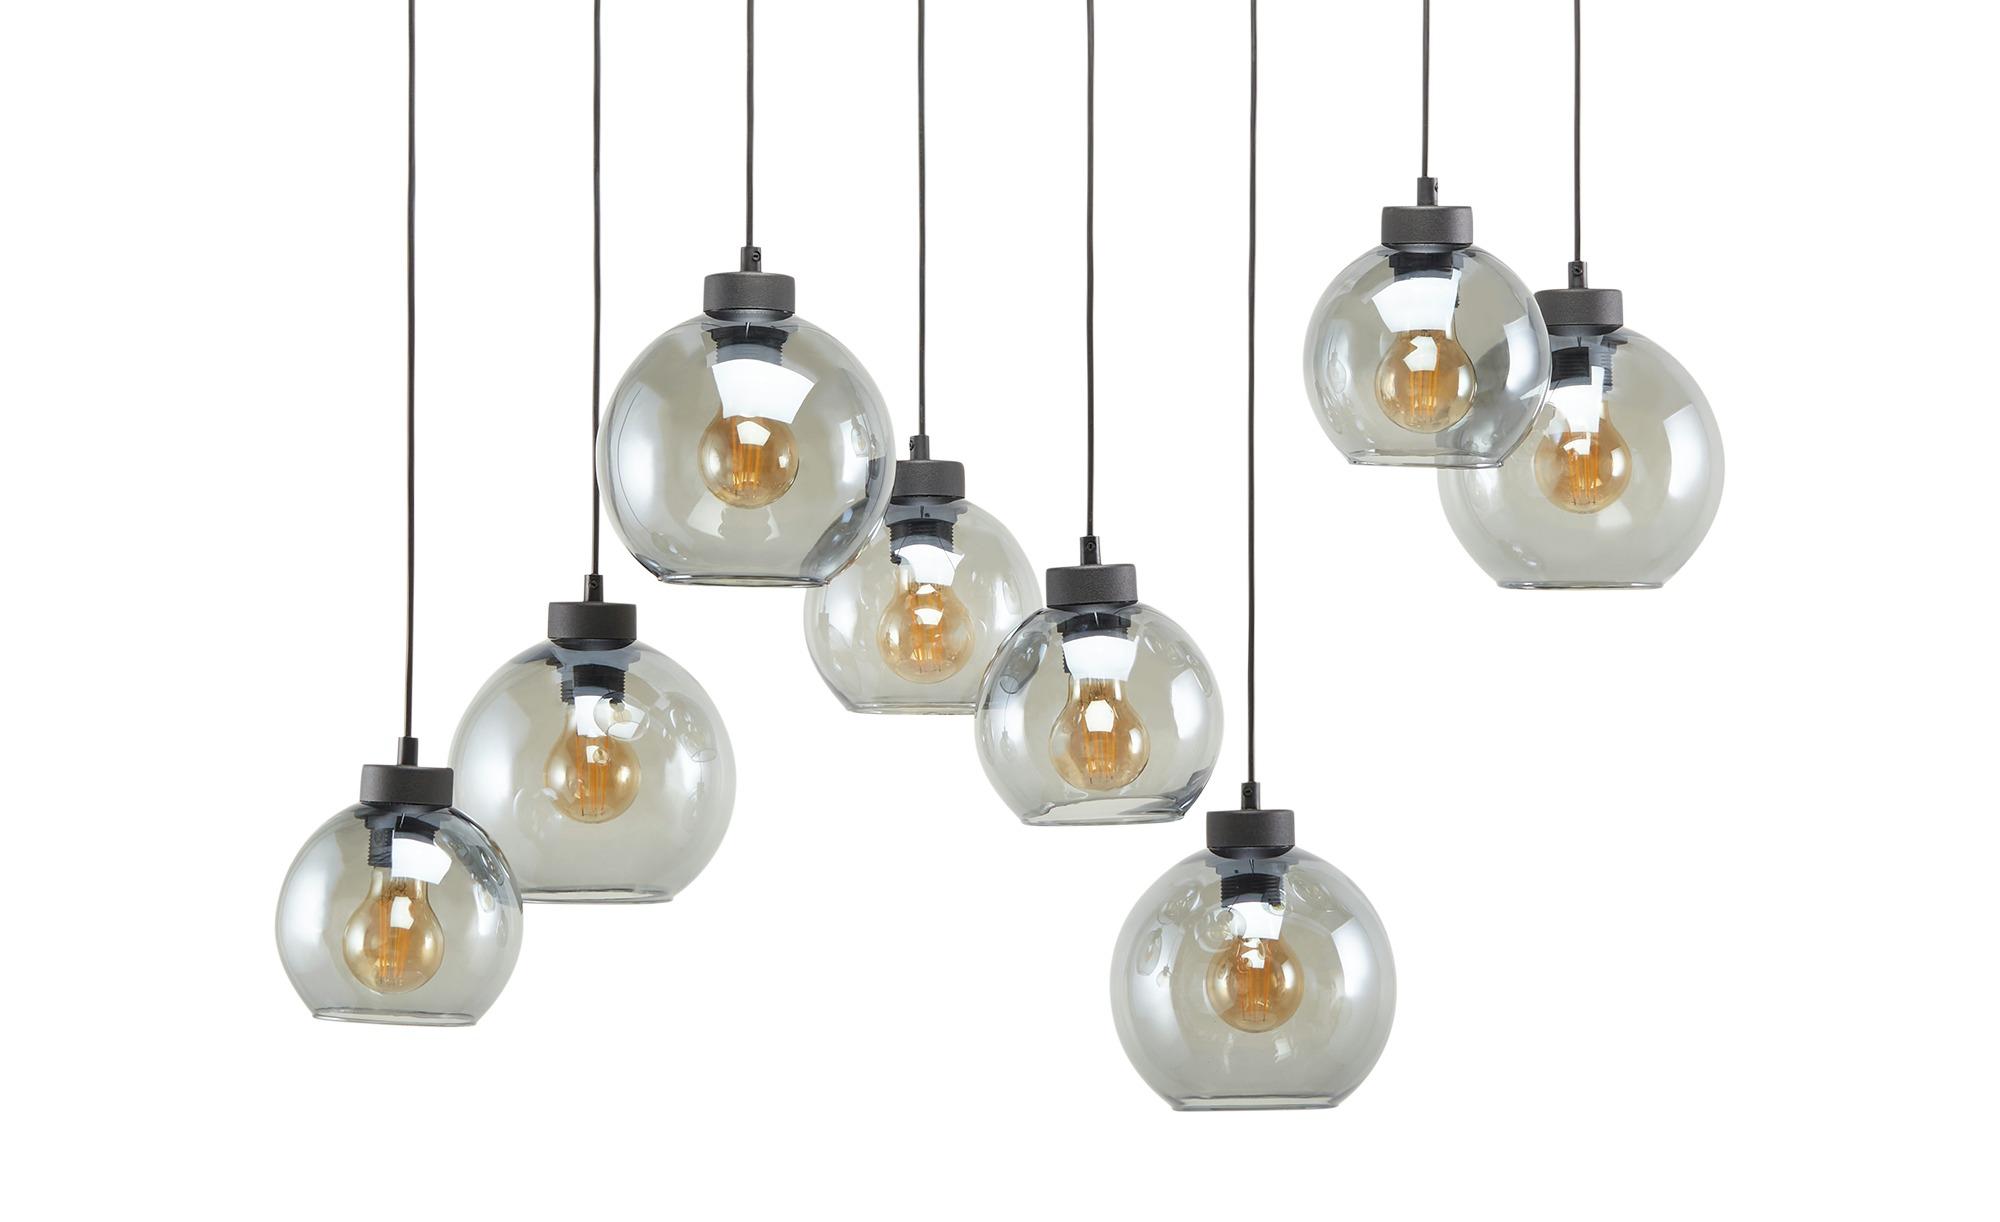 Pendelleuchte, 8-flammig, schwarz/graphitfarben ¦ schwarz ¦ Maße (cm): H: 120 Lampen & Leuchten > Innenleuchten > Pendelleuchten - Höffner